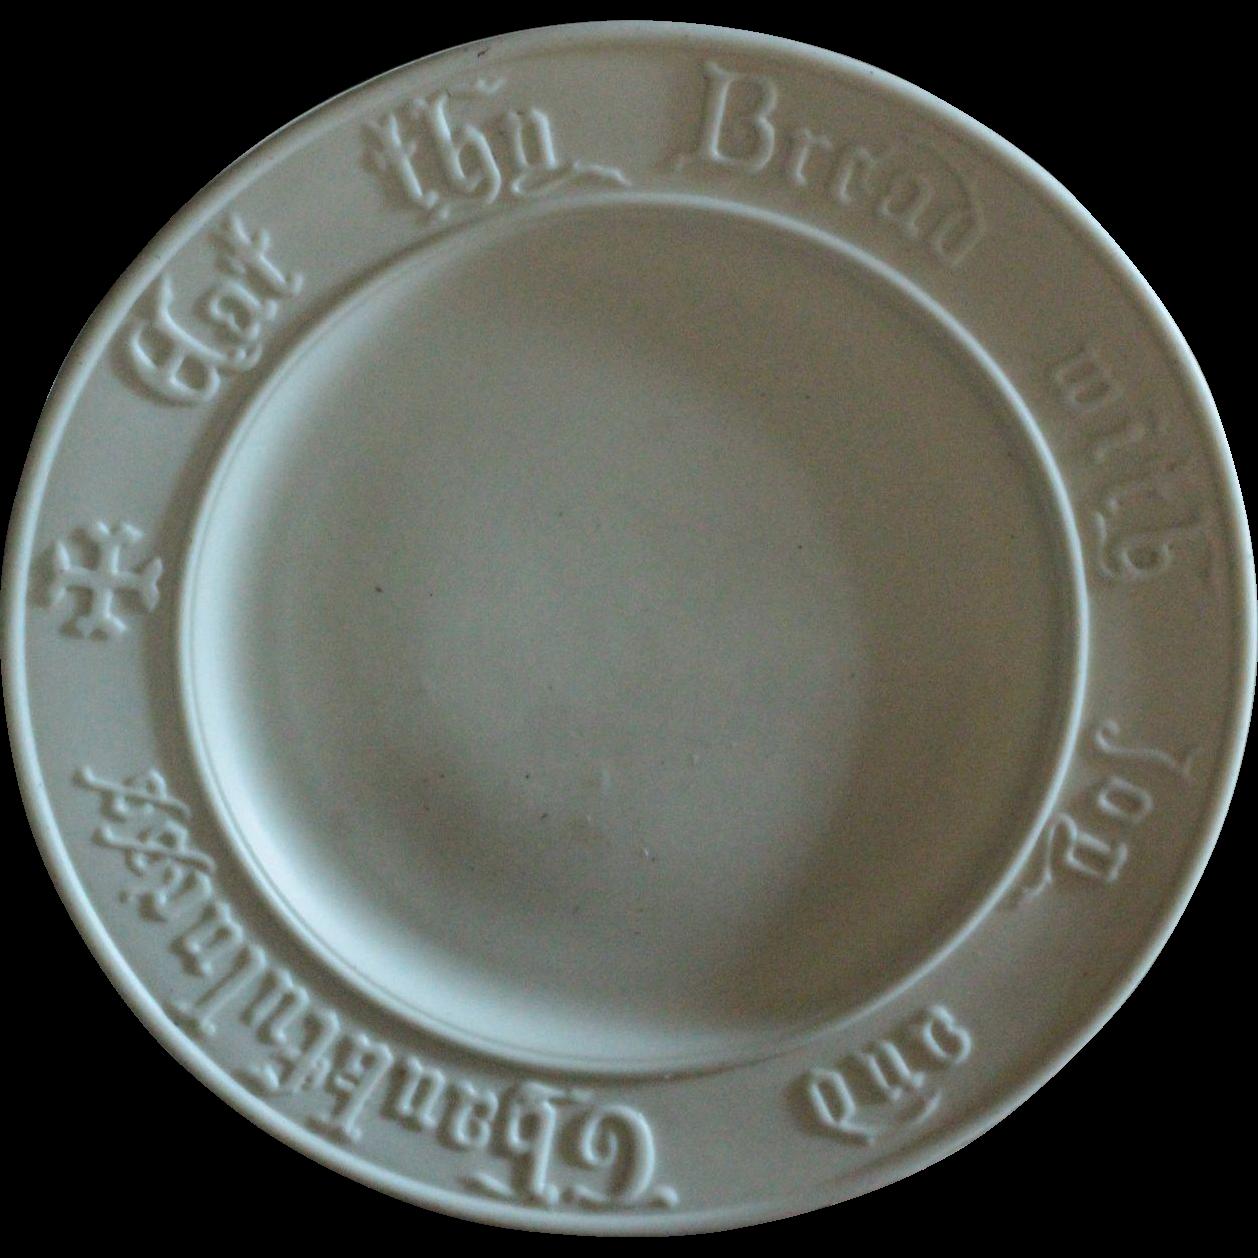 19th Century English Parian Ware Bread Platter - Antique Victorian Motto Bread Plate